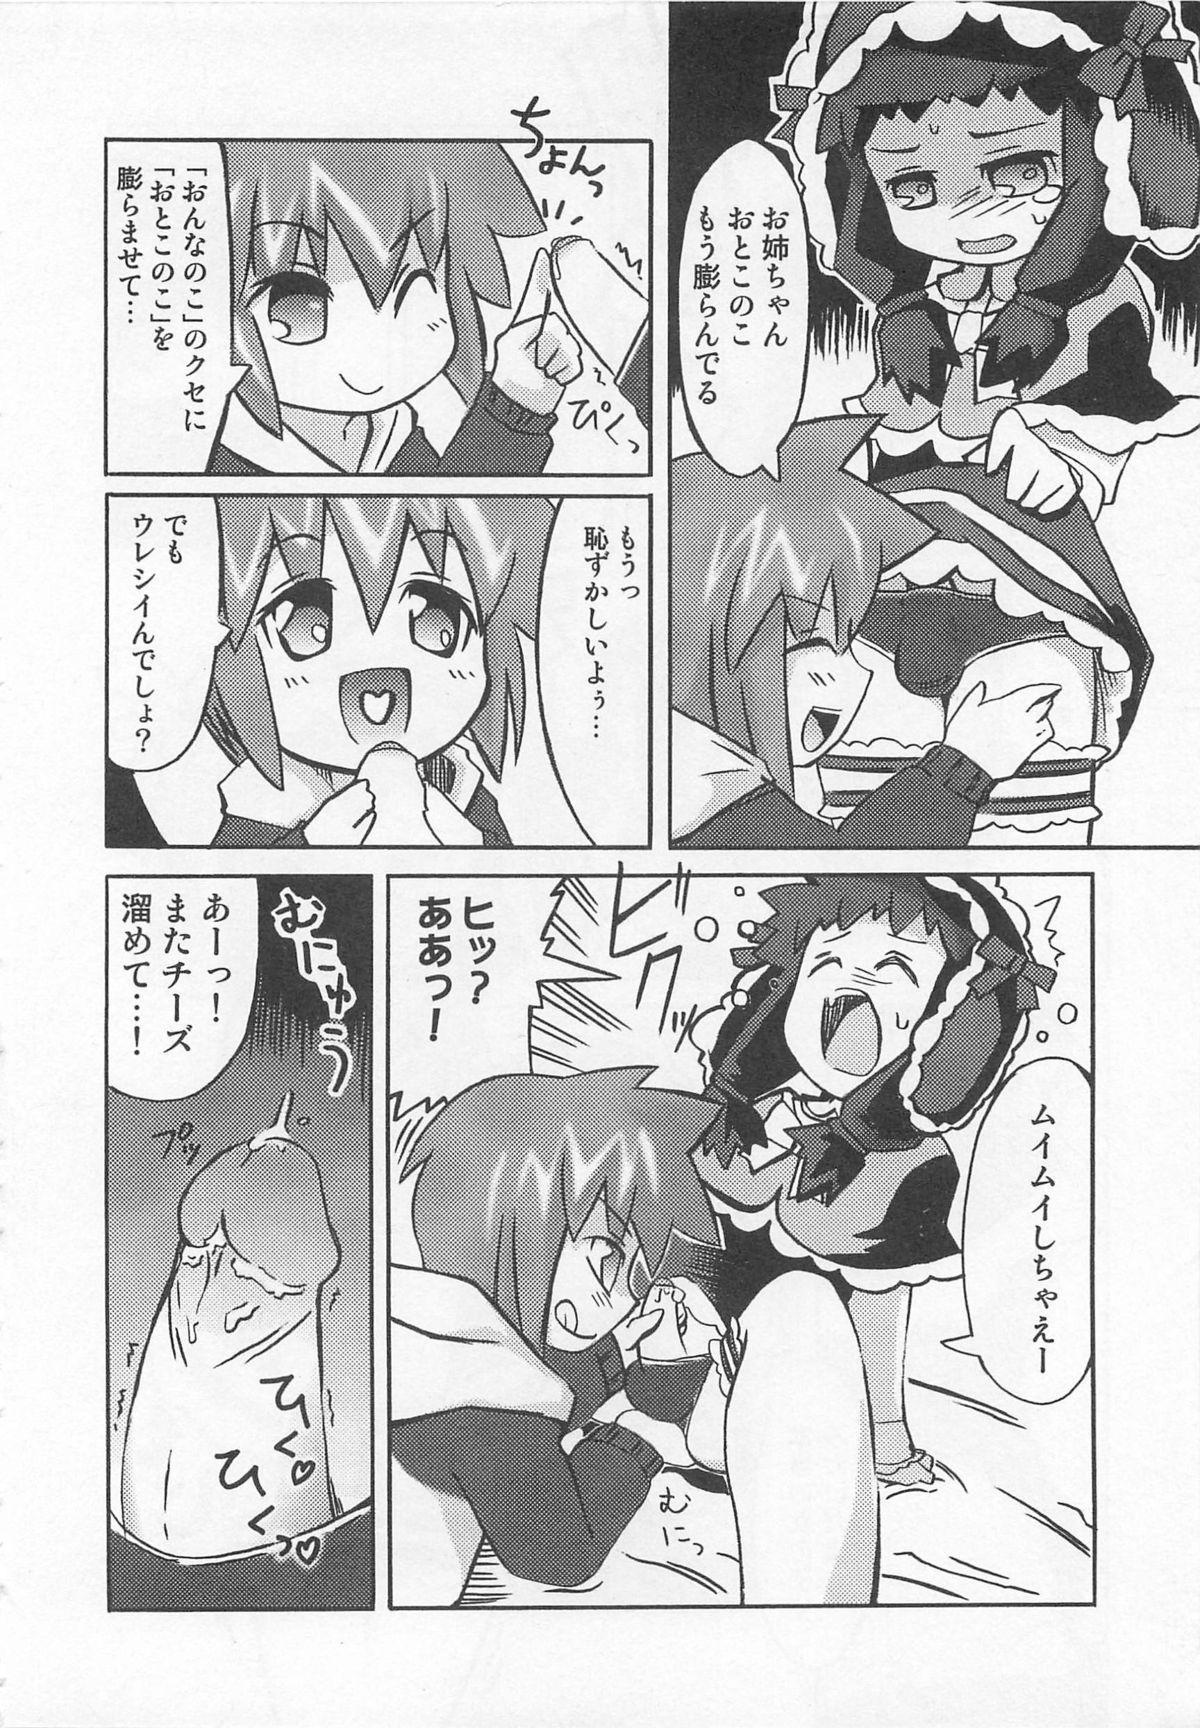 Otokonoko HEAVEN Vol. 01 Meganekko 90